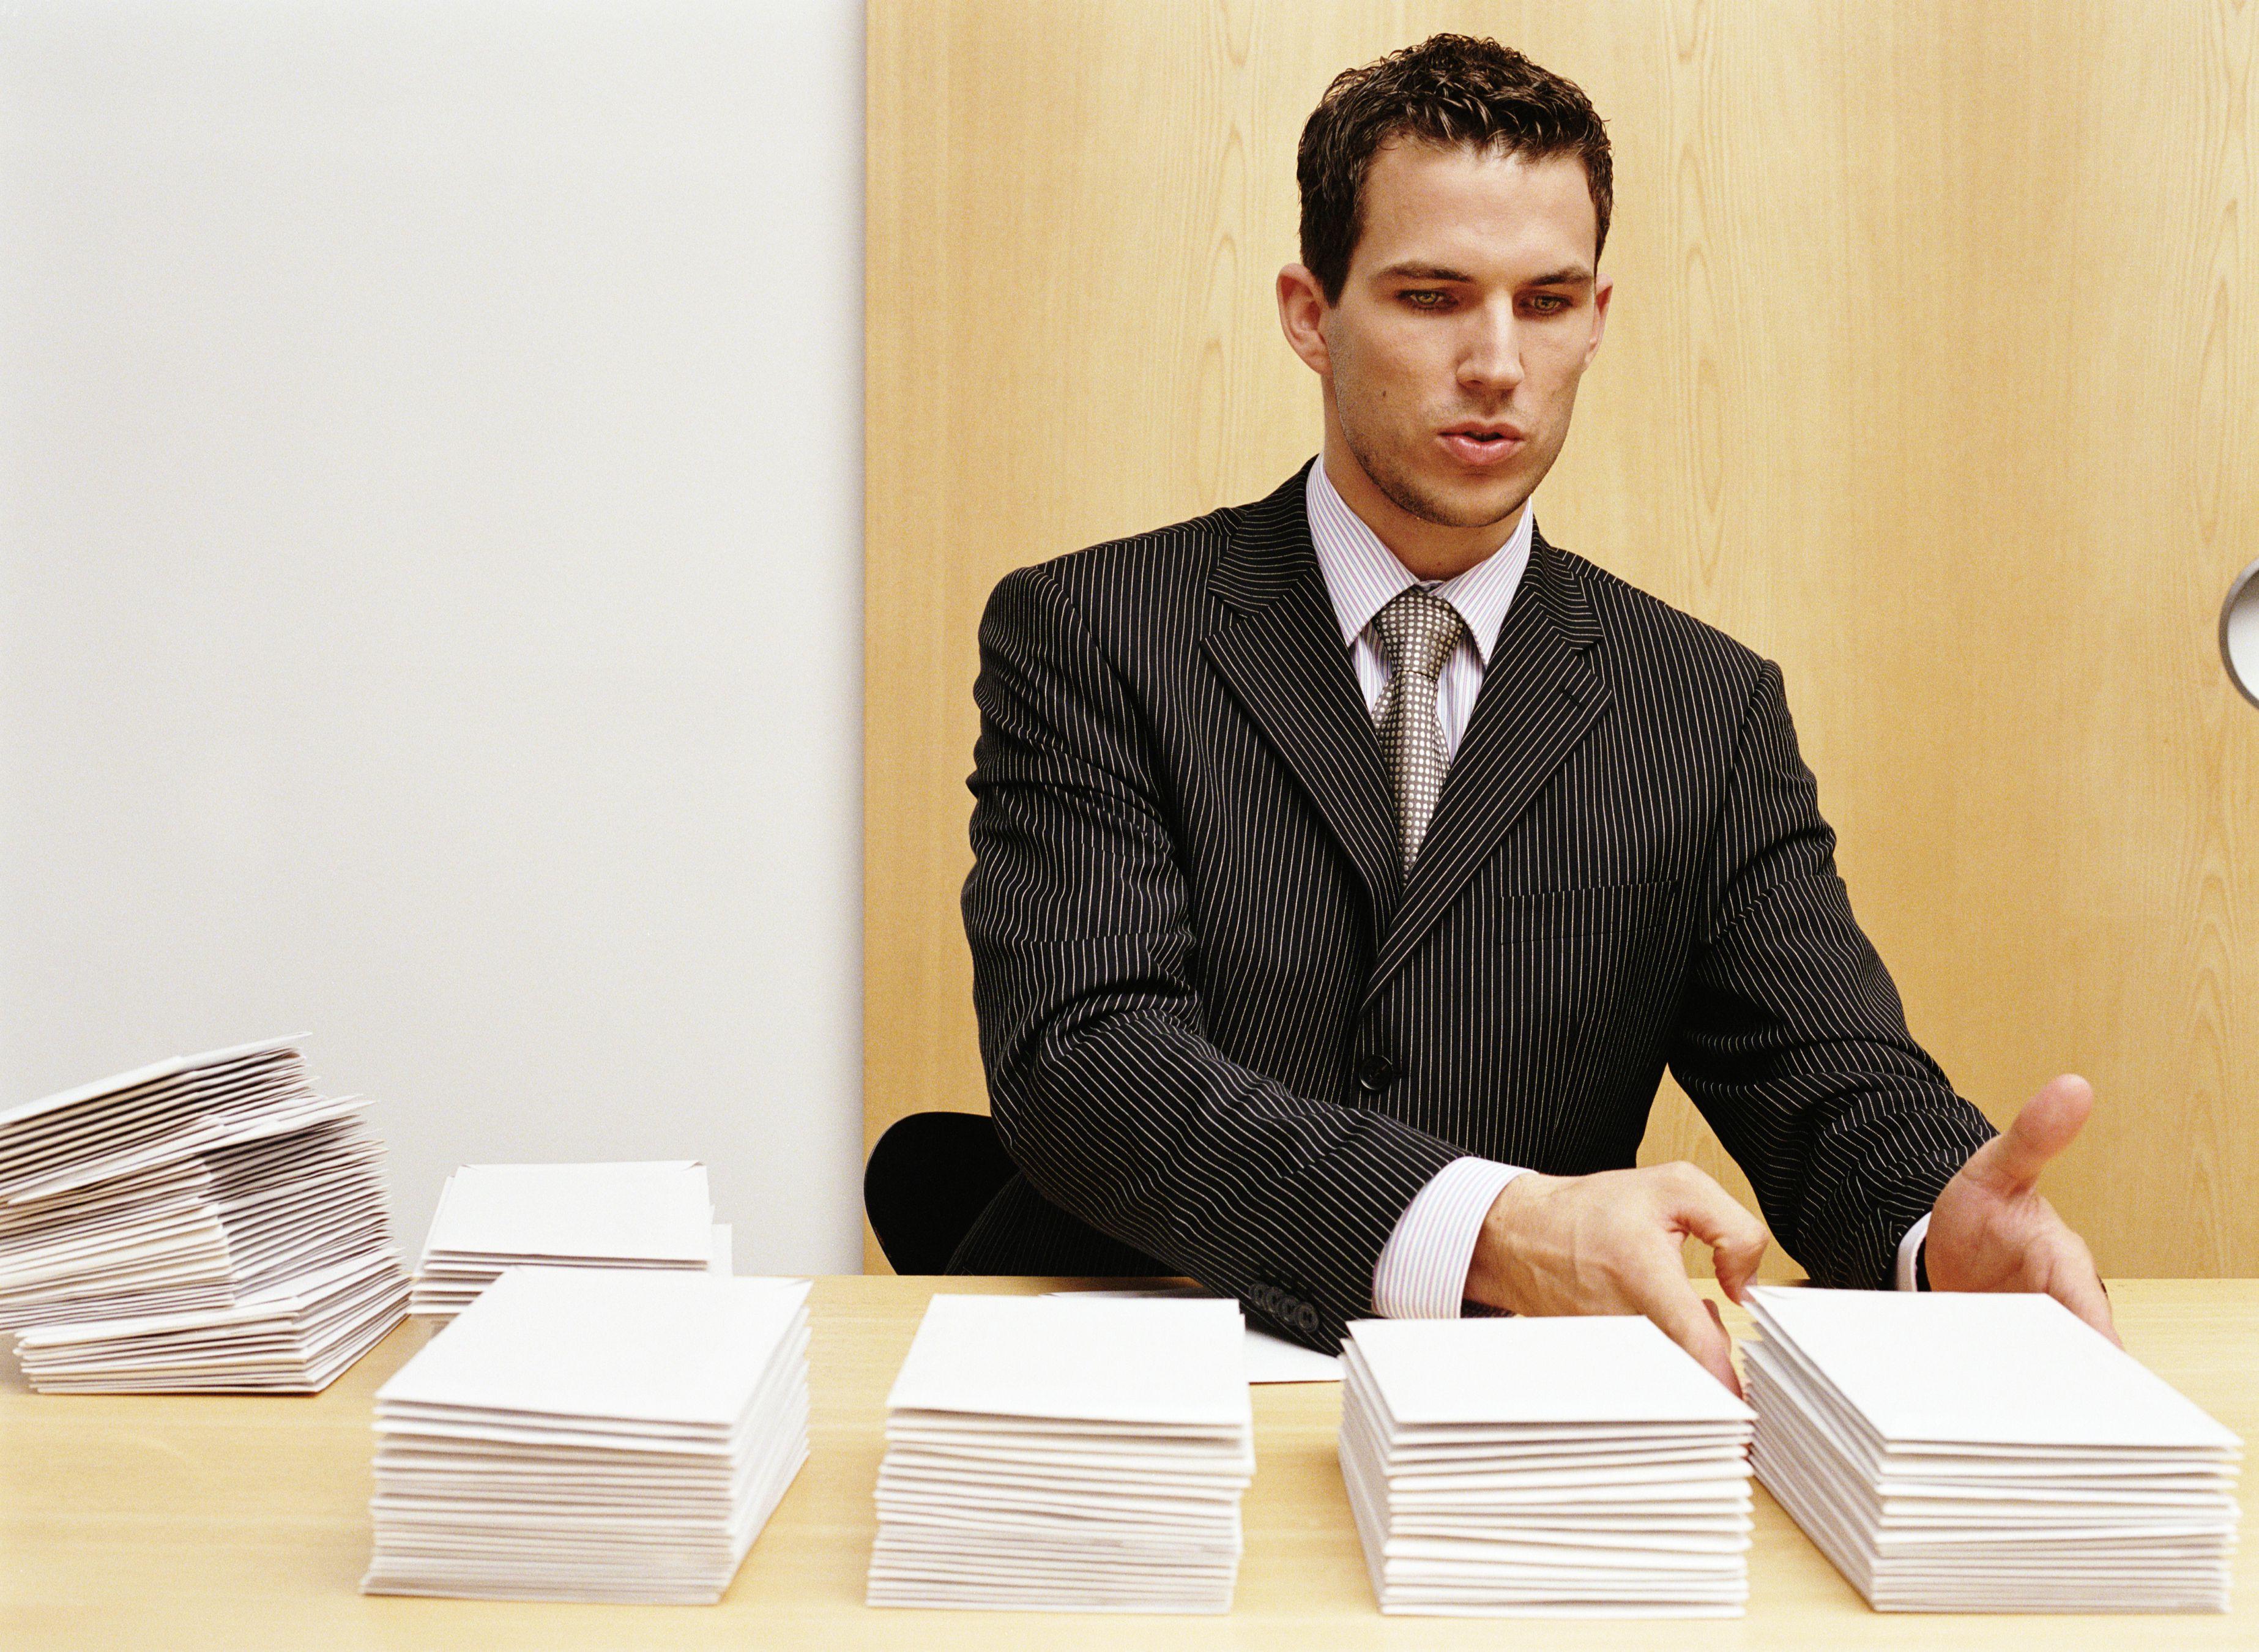 Man stacking envelopes